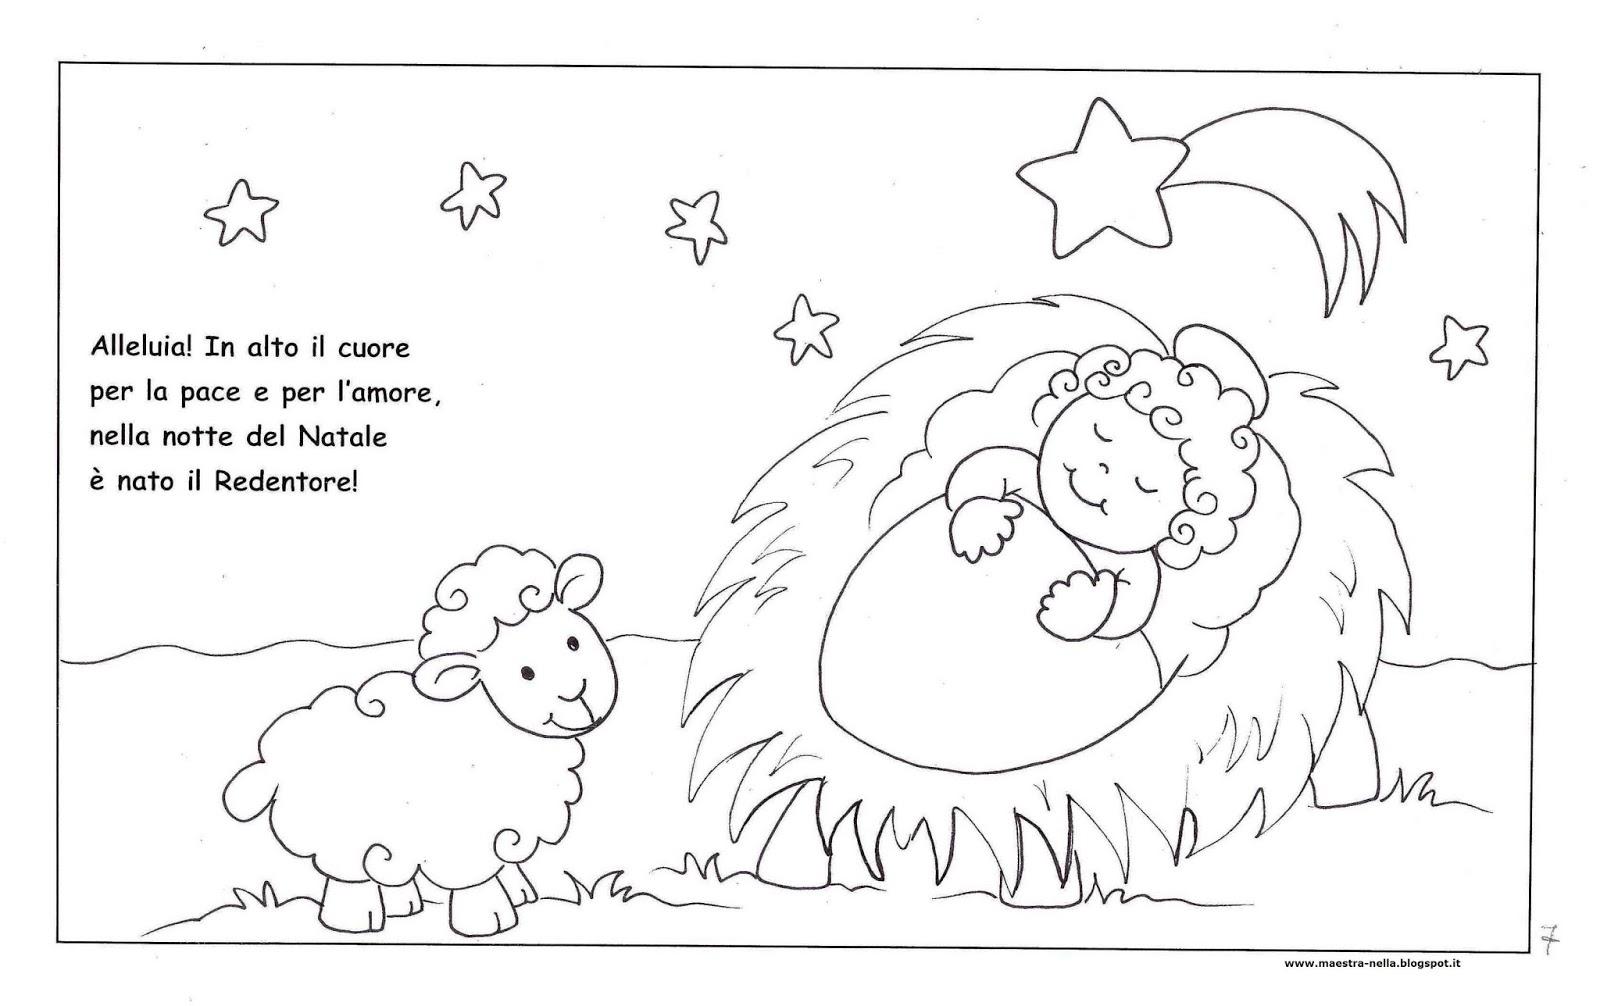 Favorito maestra Nella: Storia del Santo Natale EV91